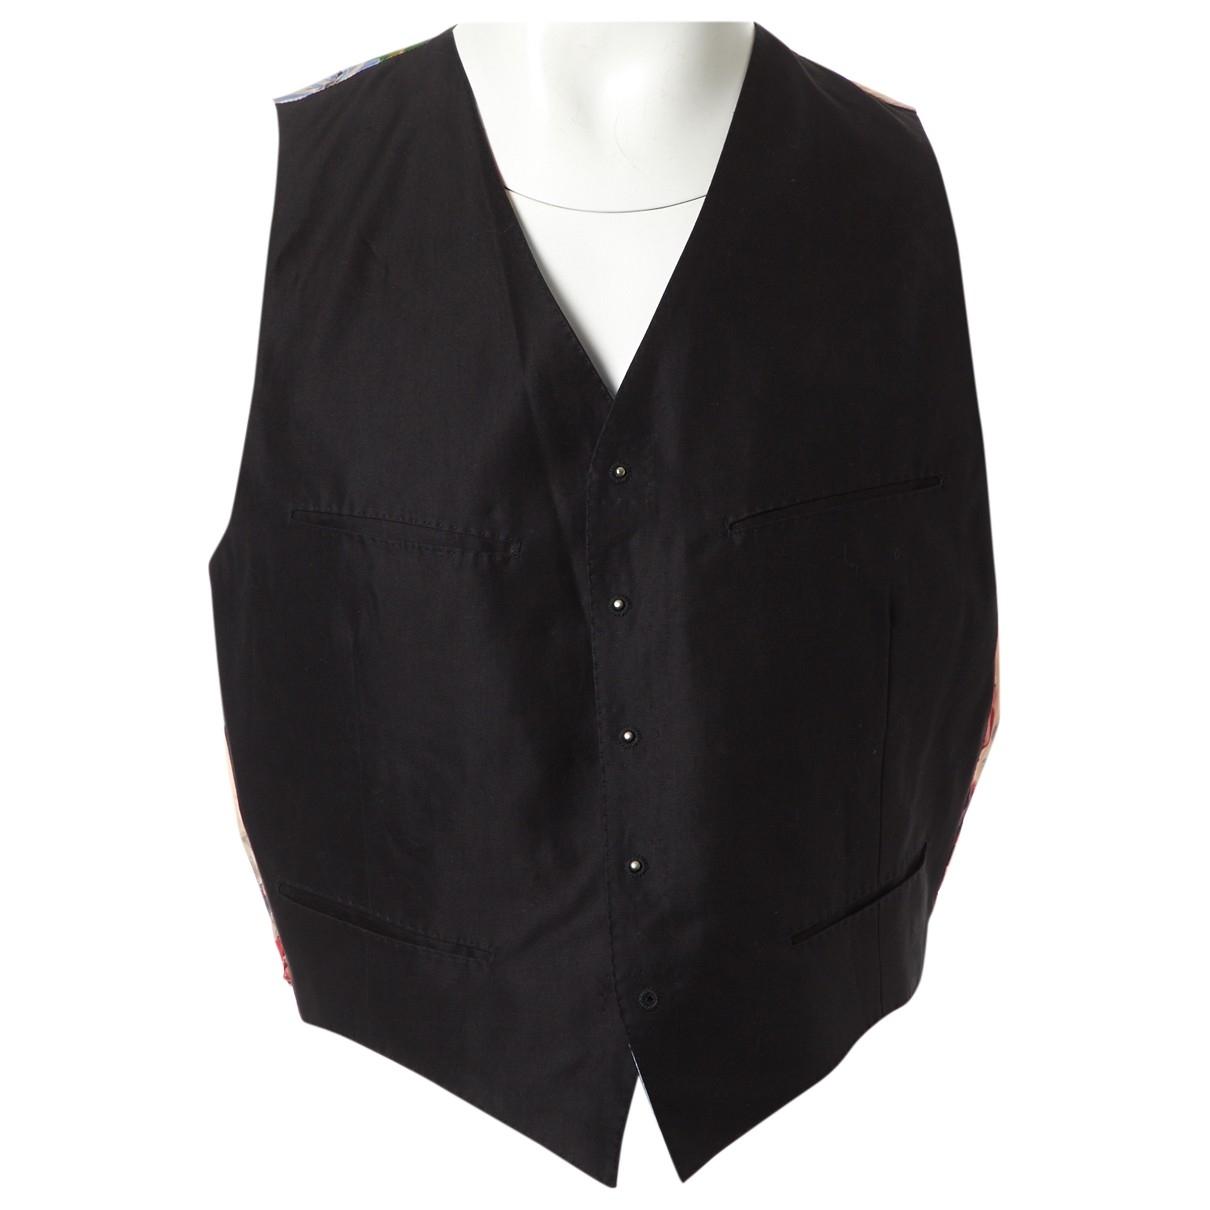 Jean Paul Gaultier - Vestes.Blousons   pour homme en coton - noir